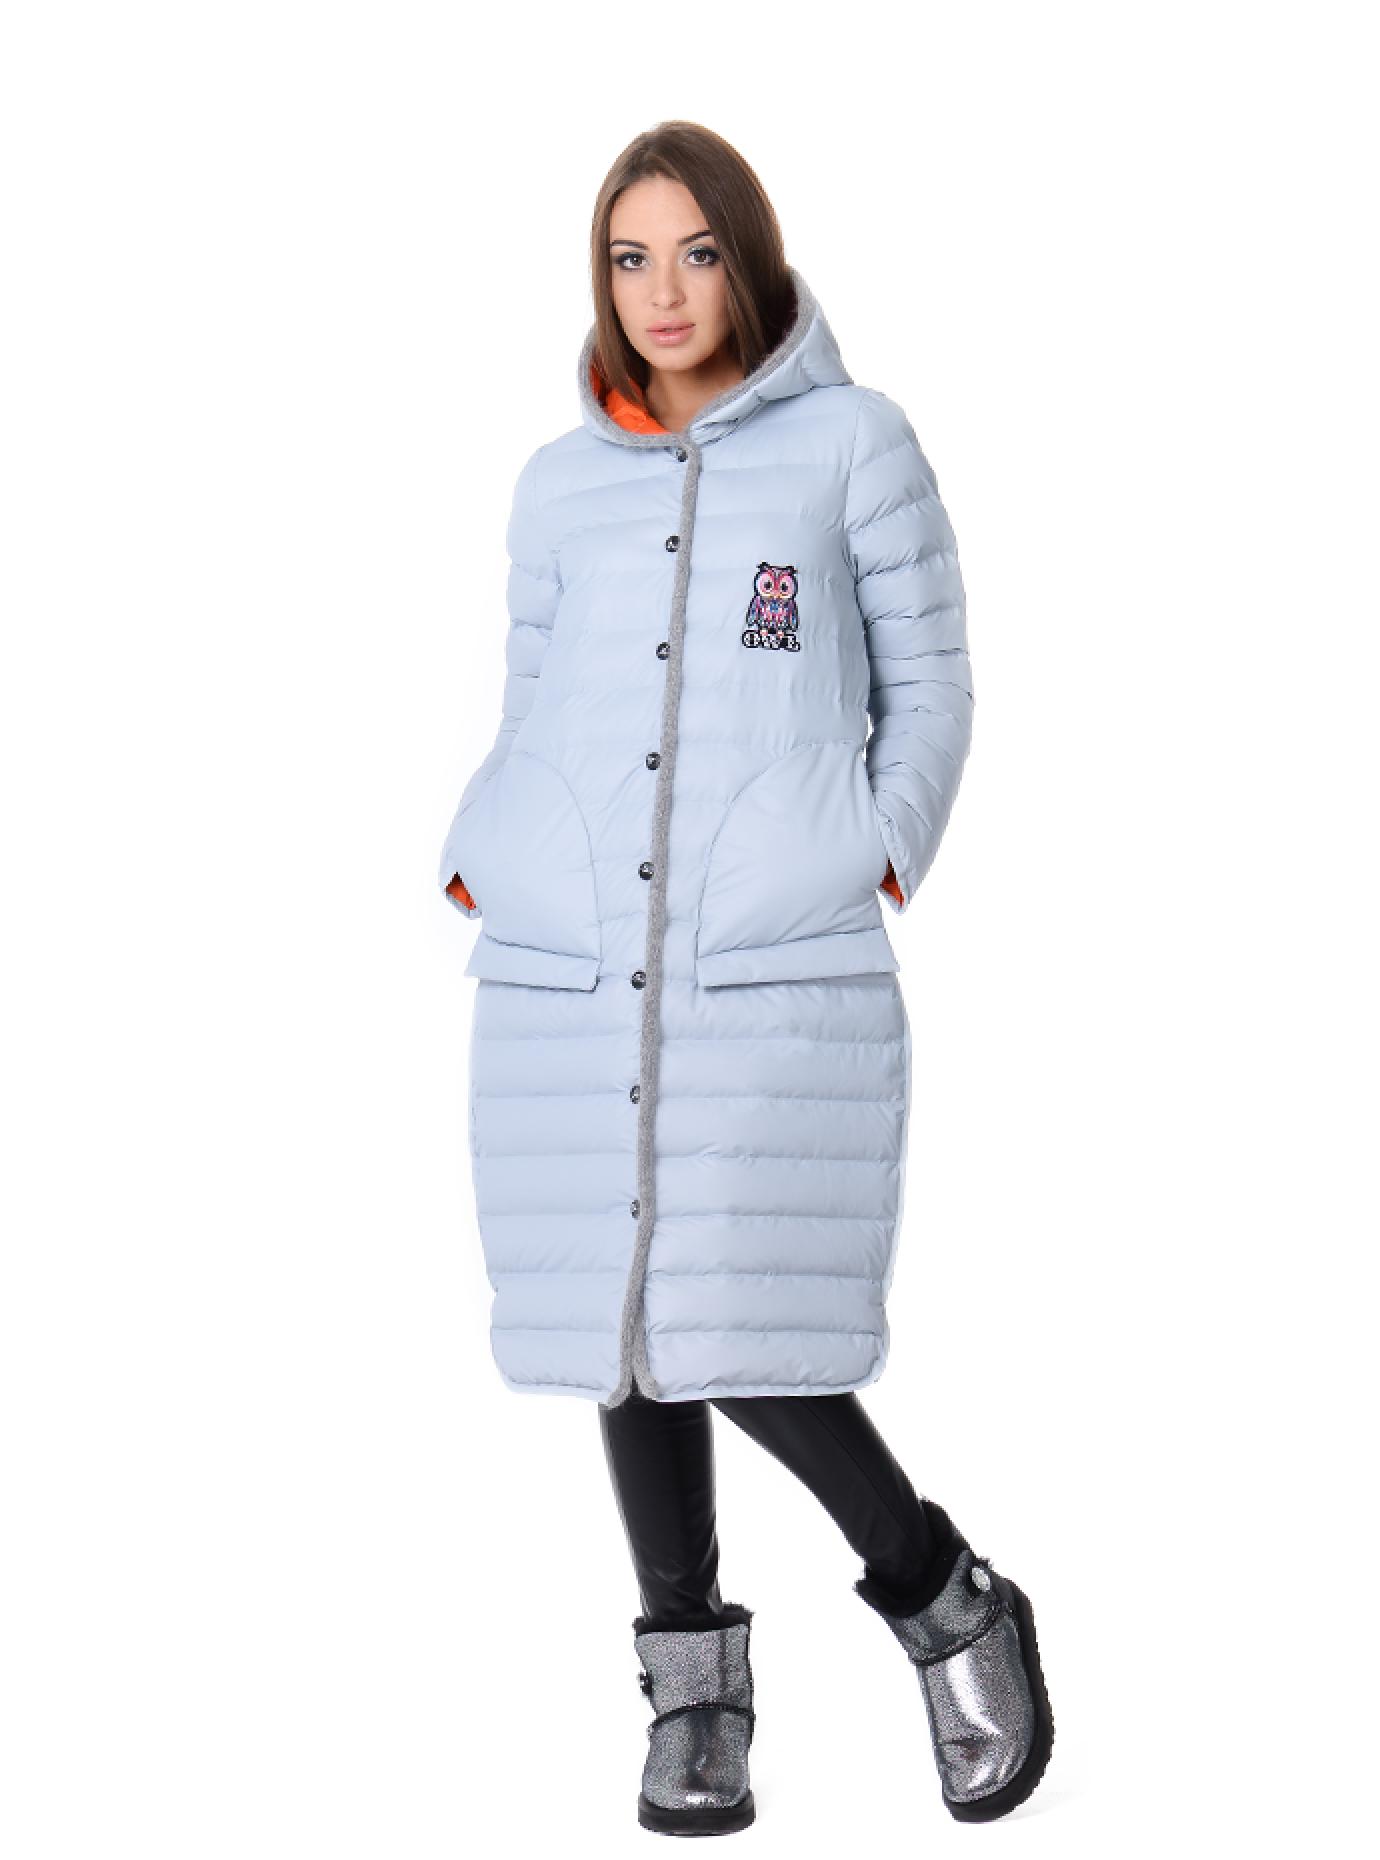 Куртка зимняя длинная стеганая Светло-голубой S (05-ZL2604): фото - Alster.ua